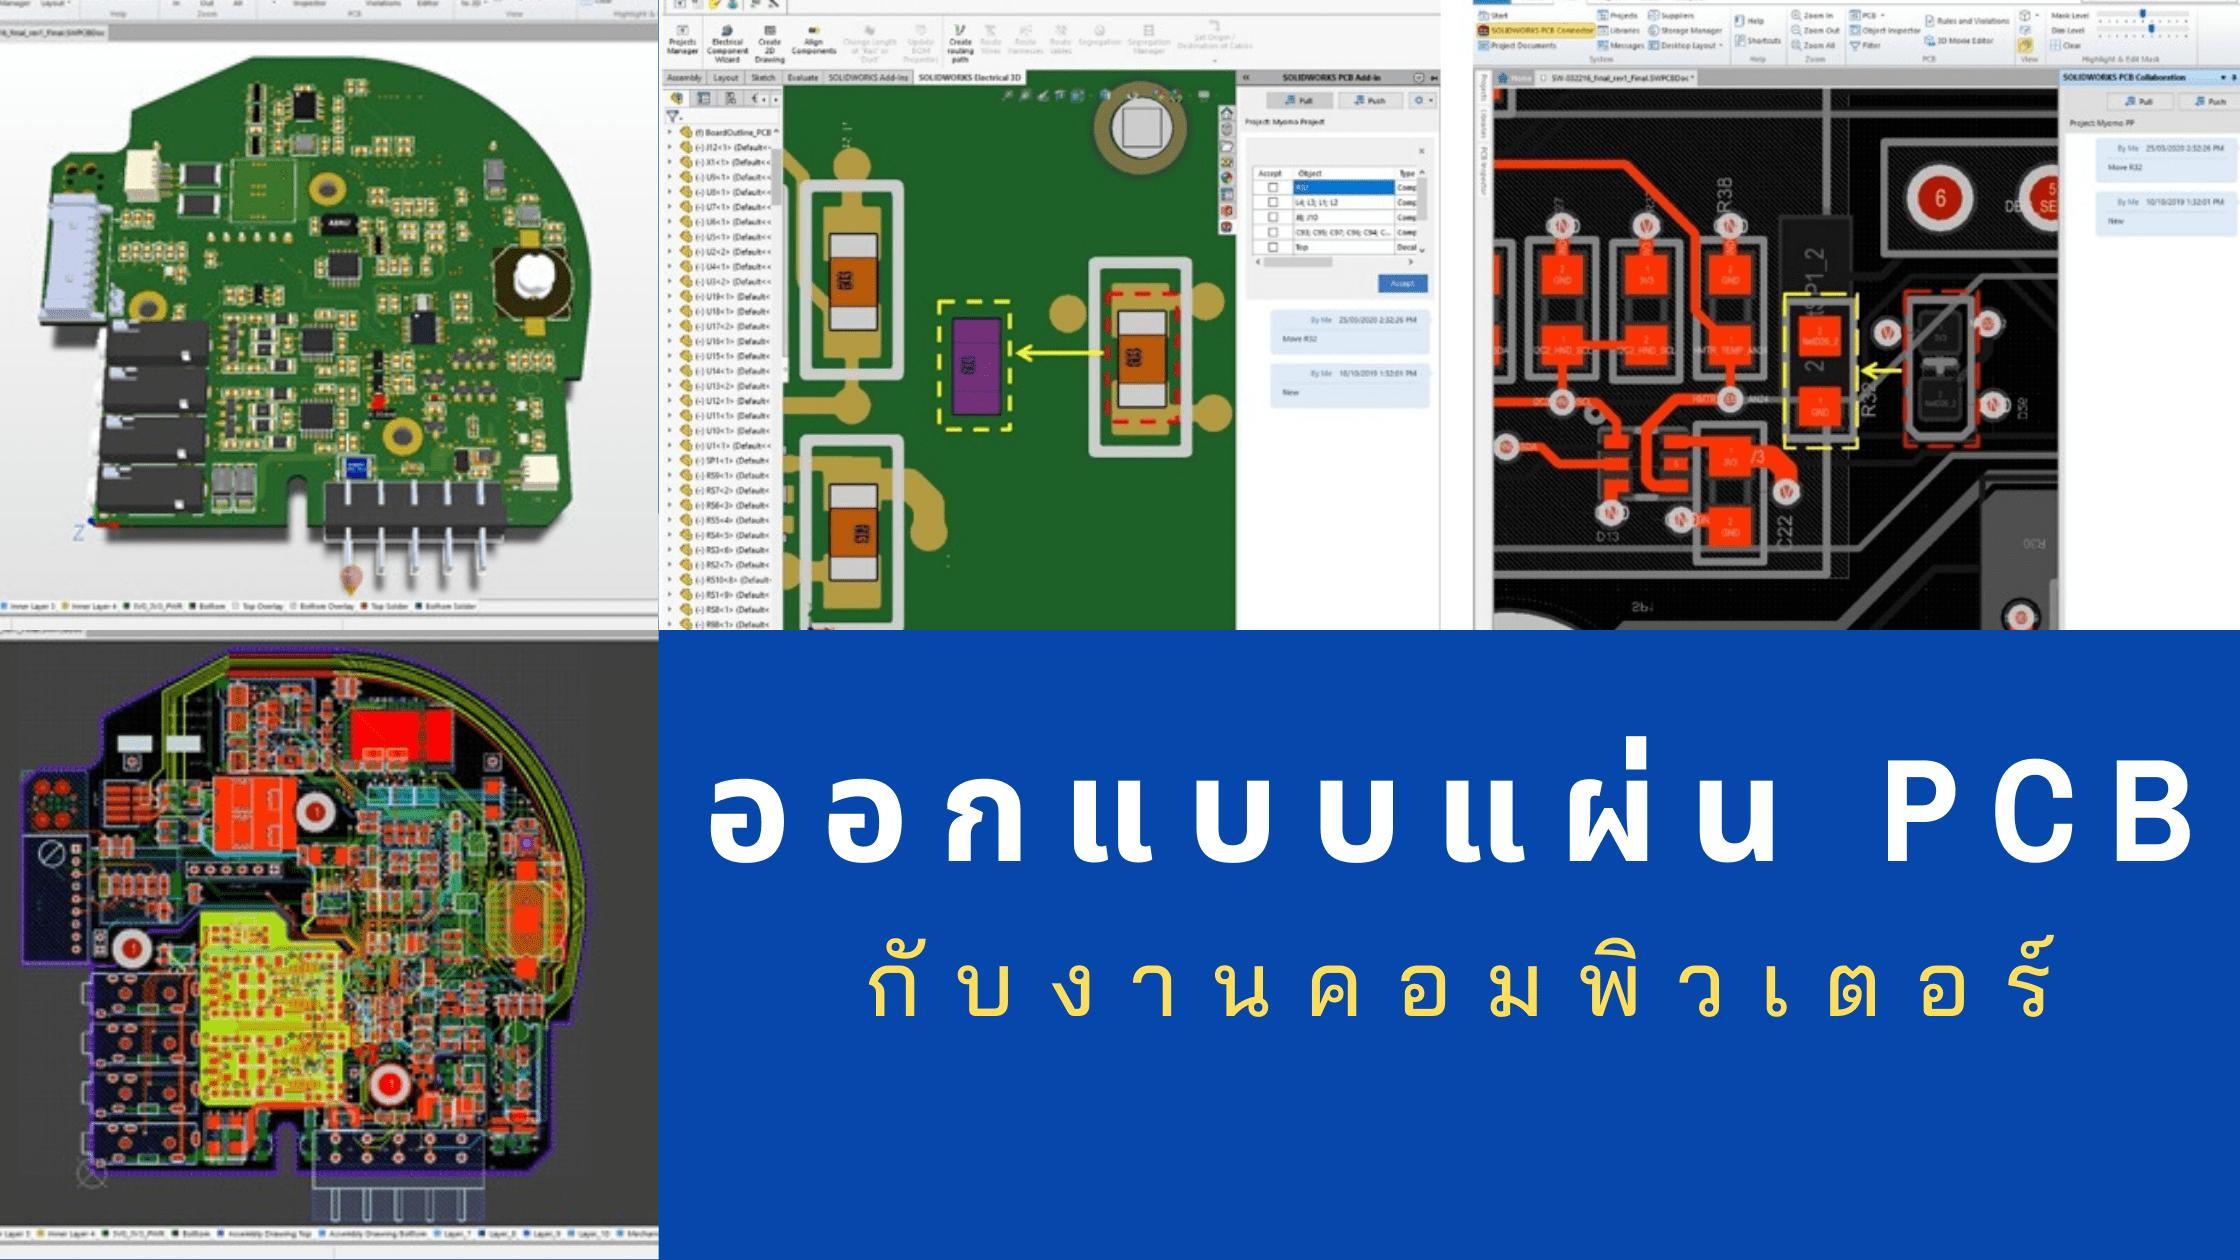 ออกแบบแผ่น PCB แผงวงจรอิเล็กทรอนิกส์ กับเครื่องคอมพิวเตอร์ ด้วย SOLIDWORS PCB